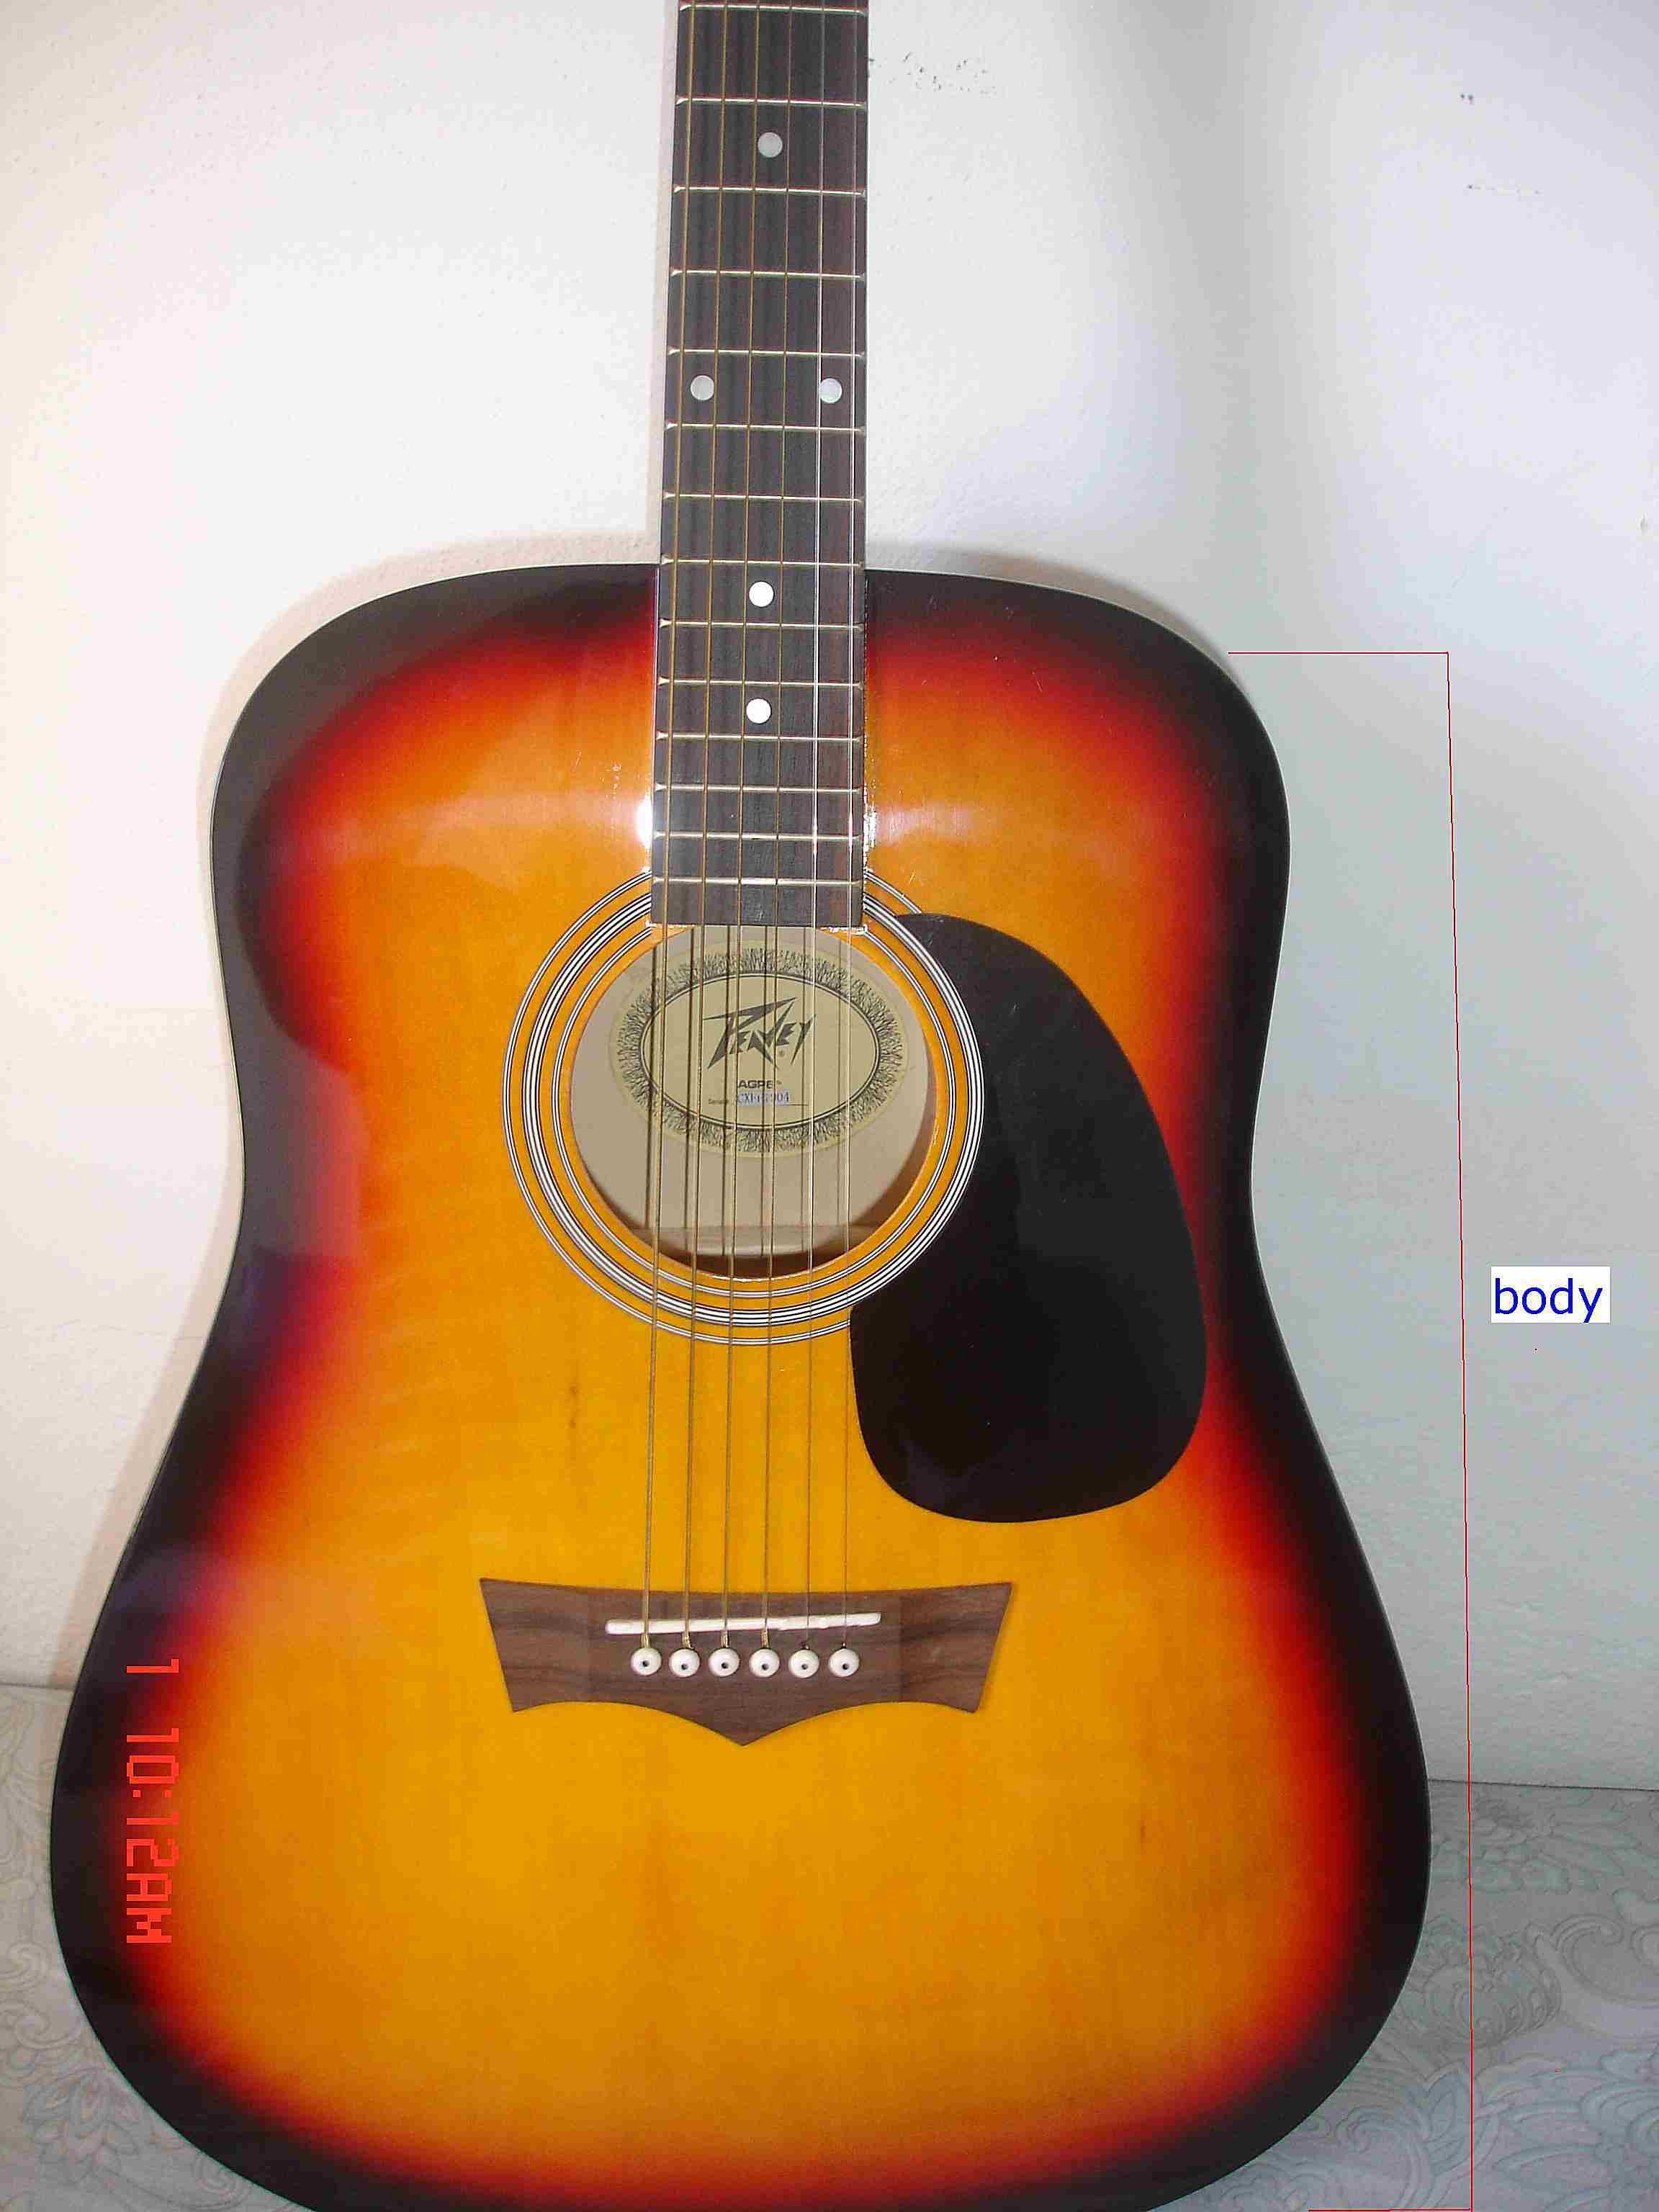 Acoustic Electric Guitar Parts Diagram Parts Of An Acoustic Guitar Guide Of Acoustic Electric Guitar Parts Diagram